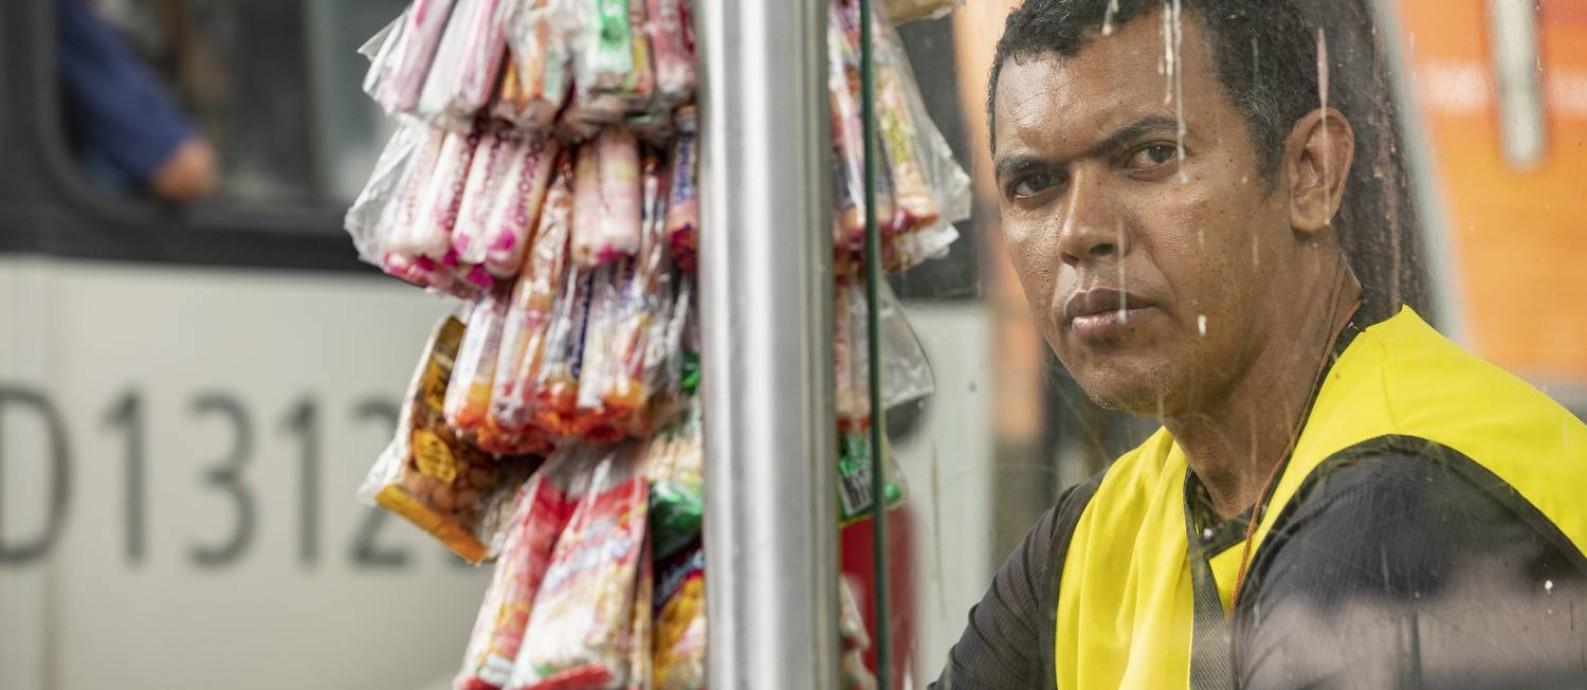 Ambulante Silvio Xavier, 39 anos, em ponto de ônibus, em Padre Miguel. Ele utiliza o transporte público para vender doces Foto: Ana Branco / Agência O Globo